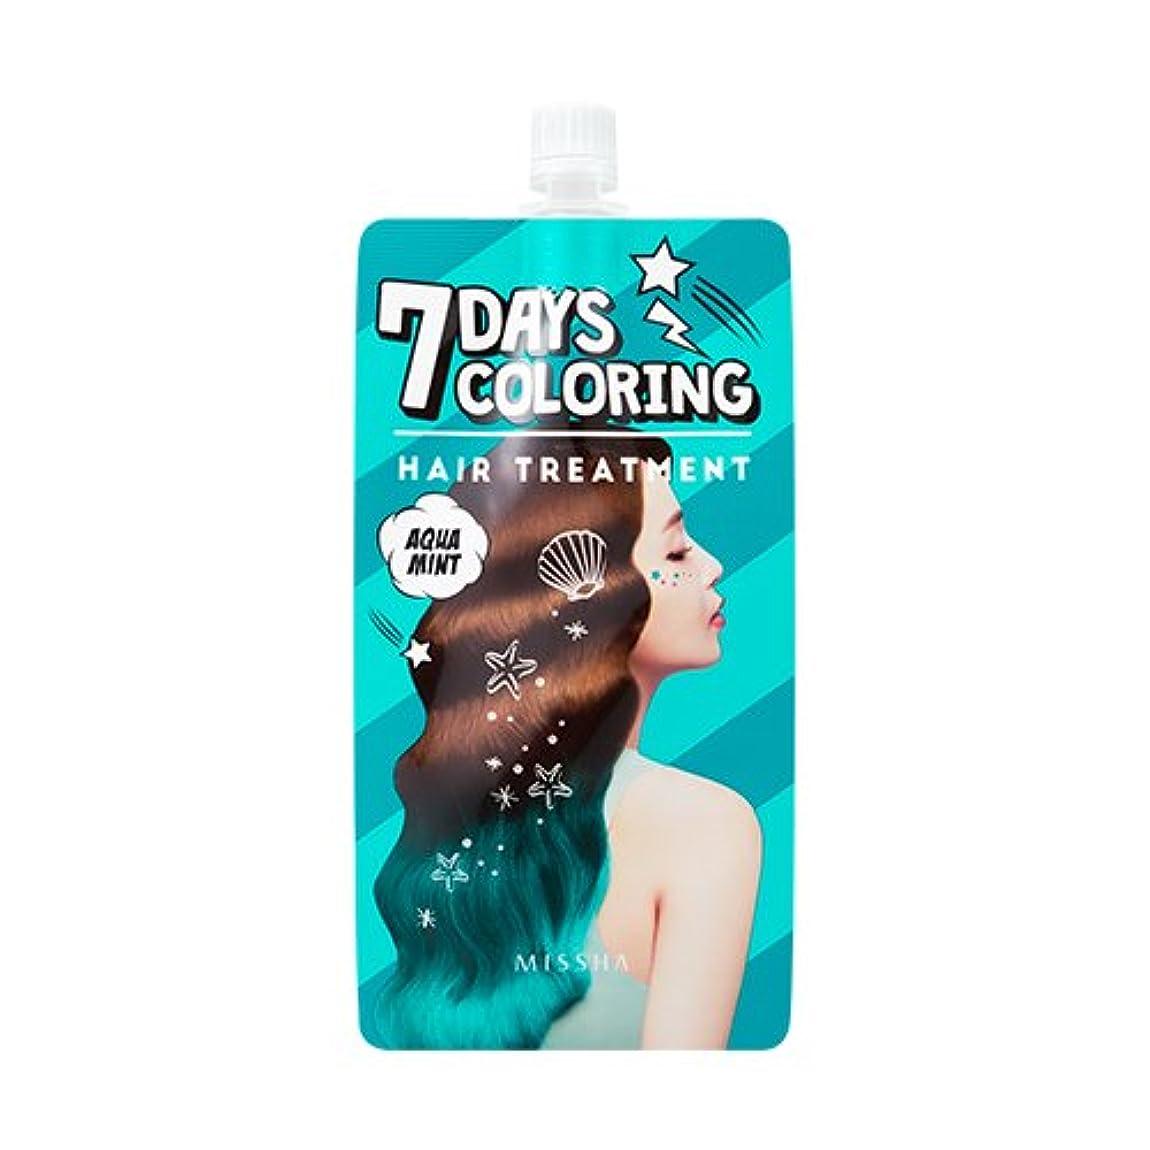 年過半数肯定的MISSHA 7 Days Coloring Hair Treatment 25ml/ミシャ 7デイズ カラーリング ヘア トリートメント 25ml (#Aqua Mint) [並行輸入品]